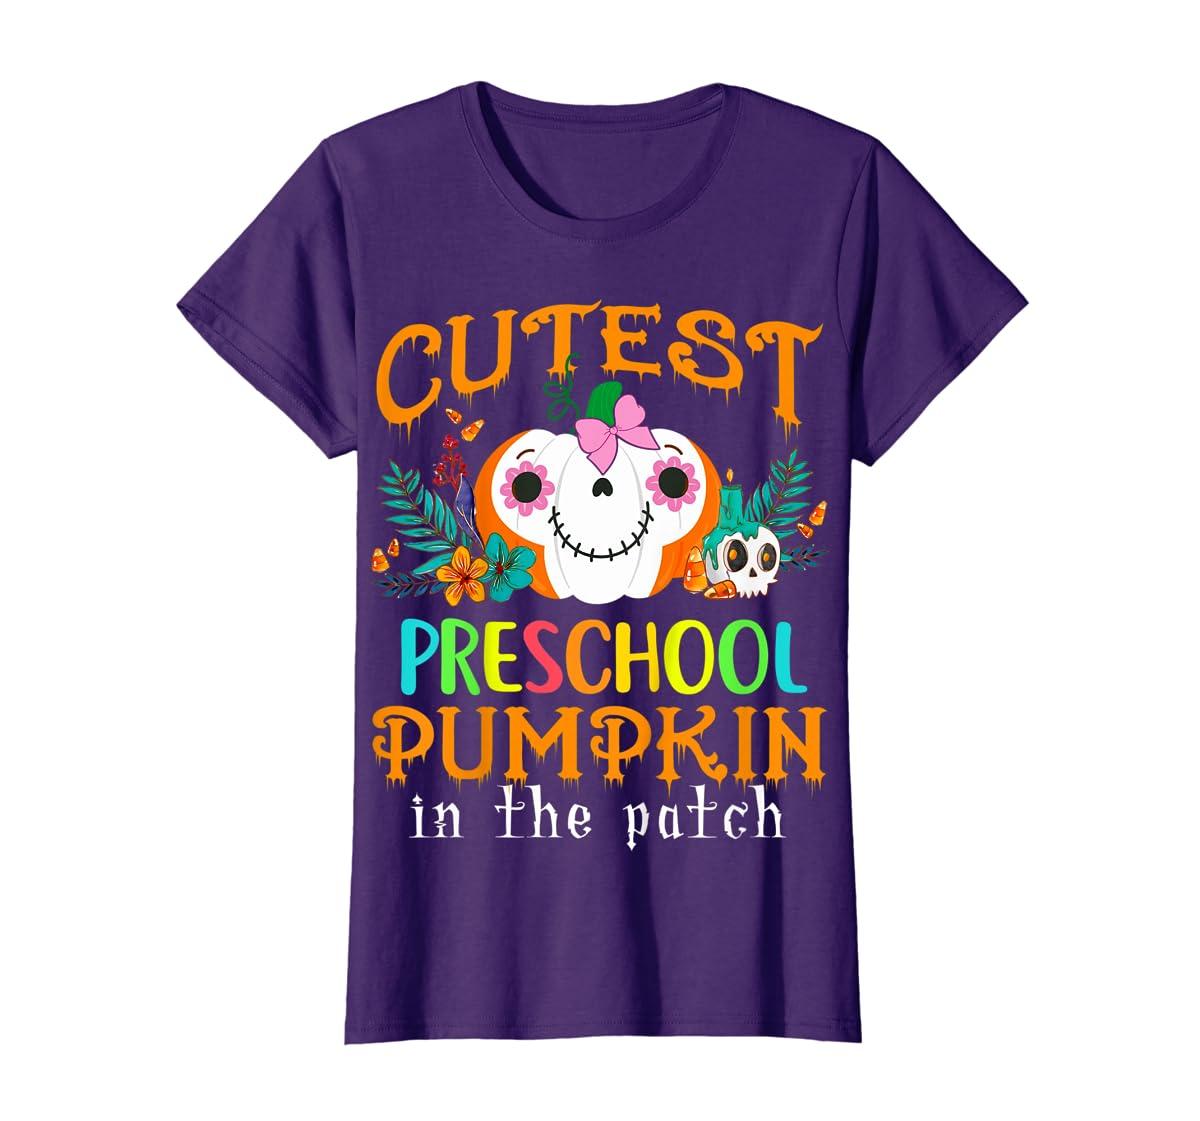 Kids Cutest Preschool Pumpkin In The Patch Halloween Costume Girl T-Shirt-Women's T-Shirt-Purple